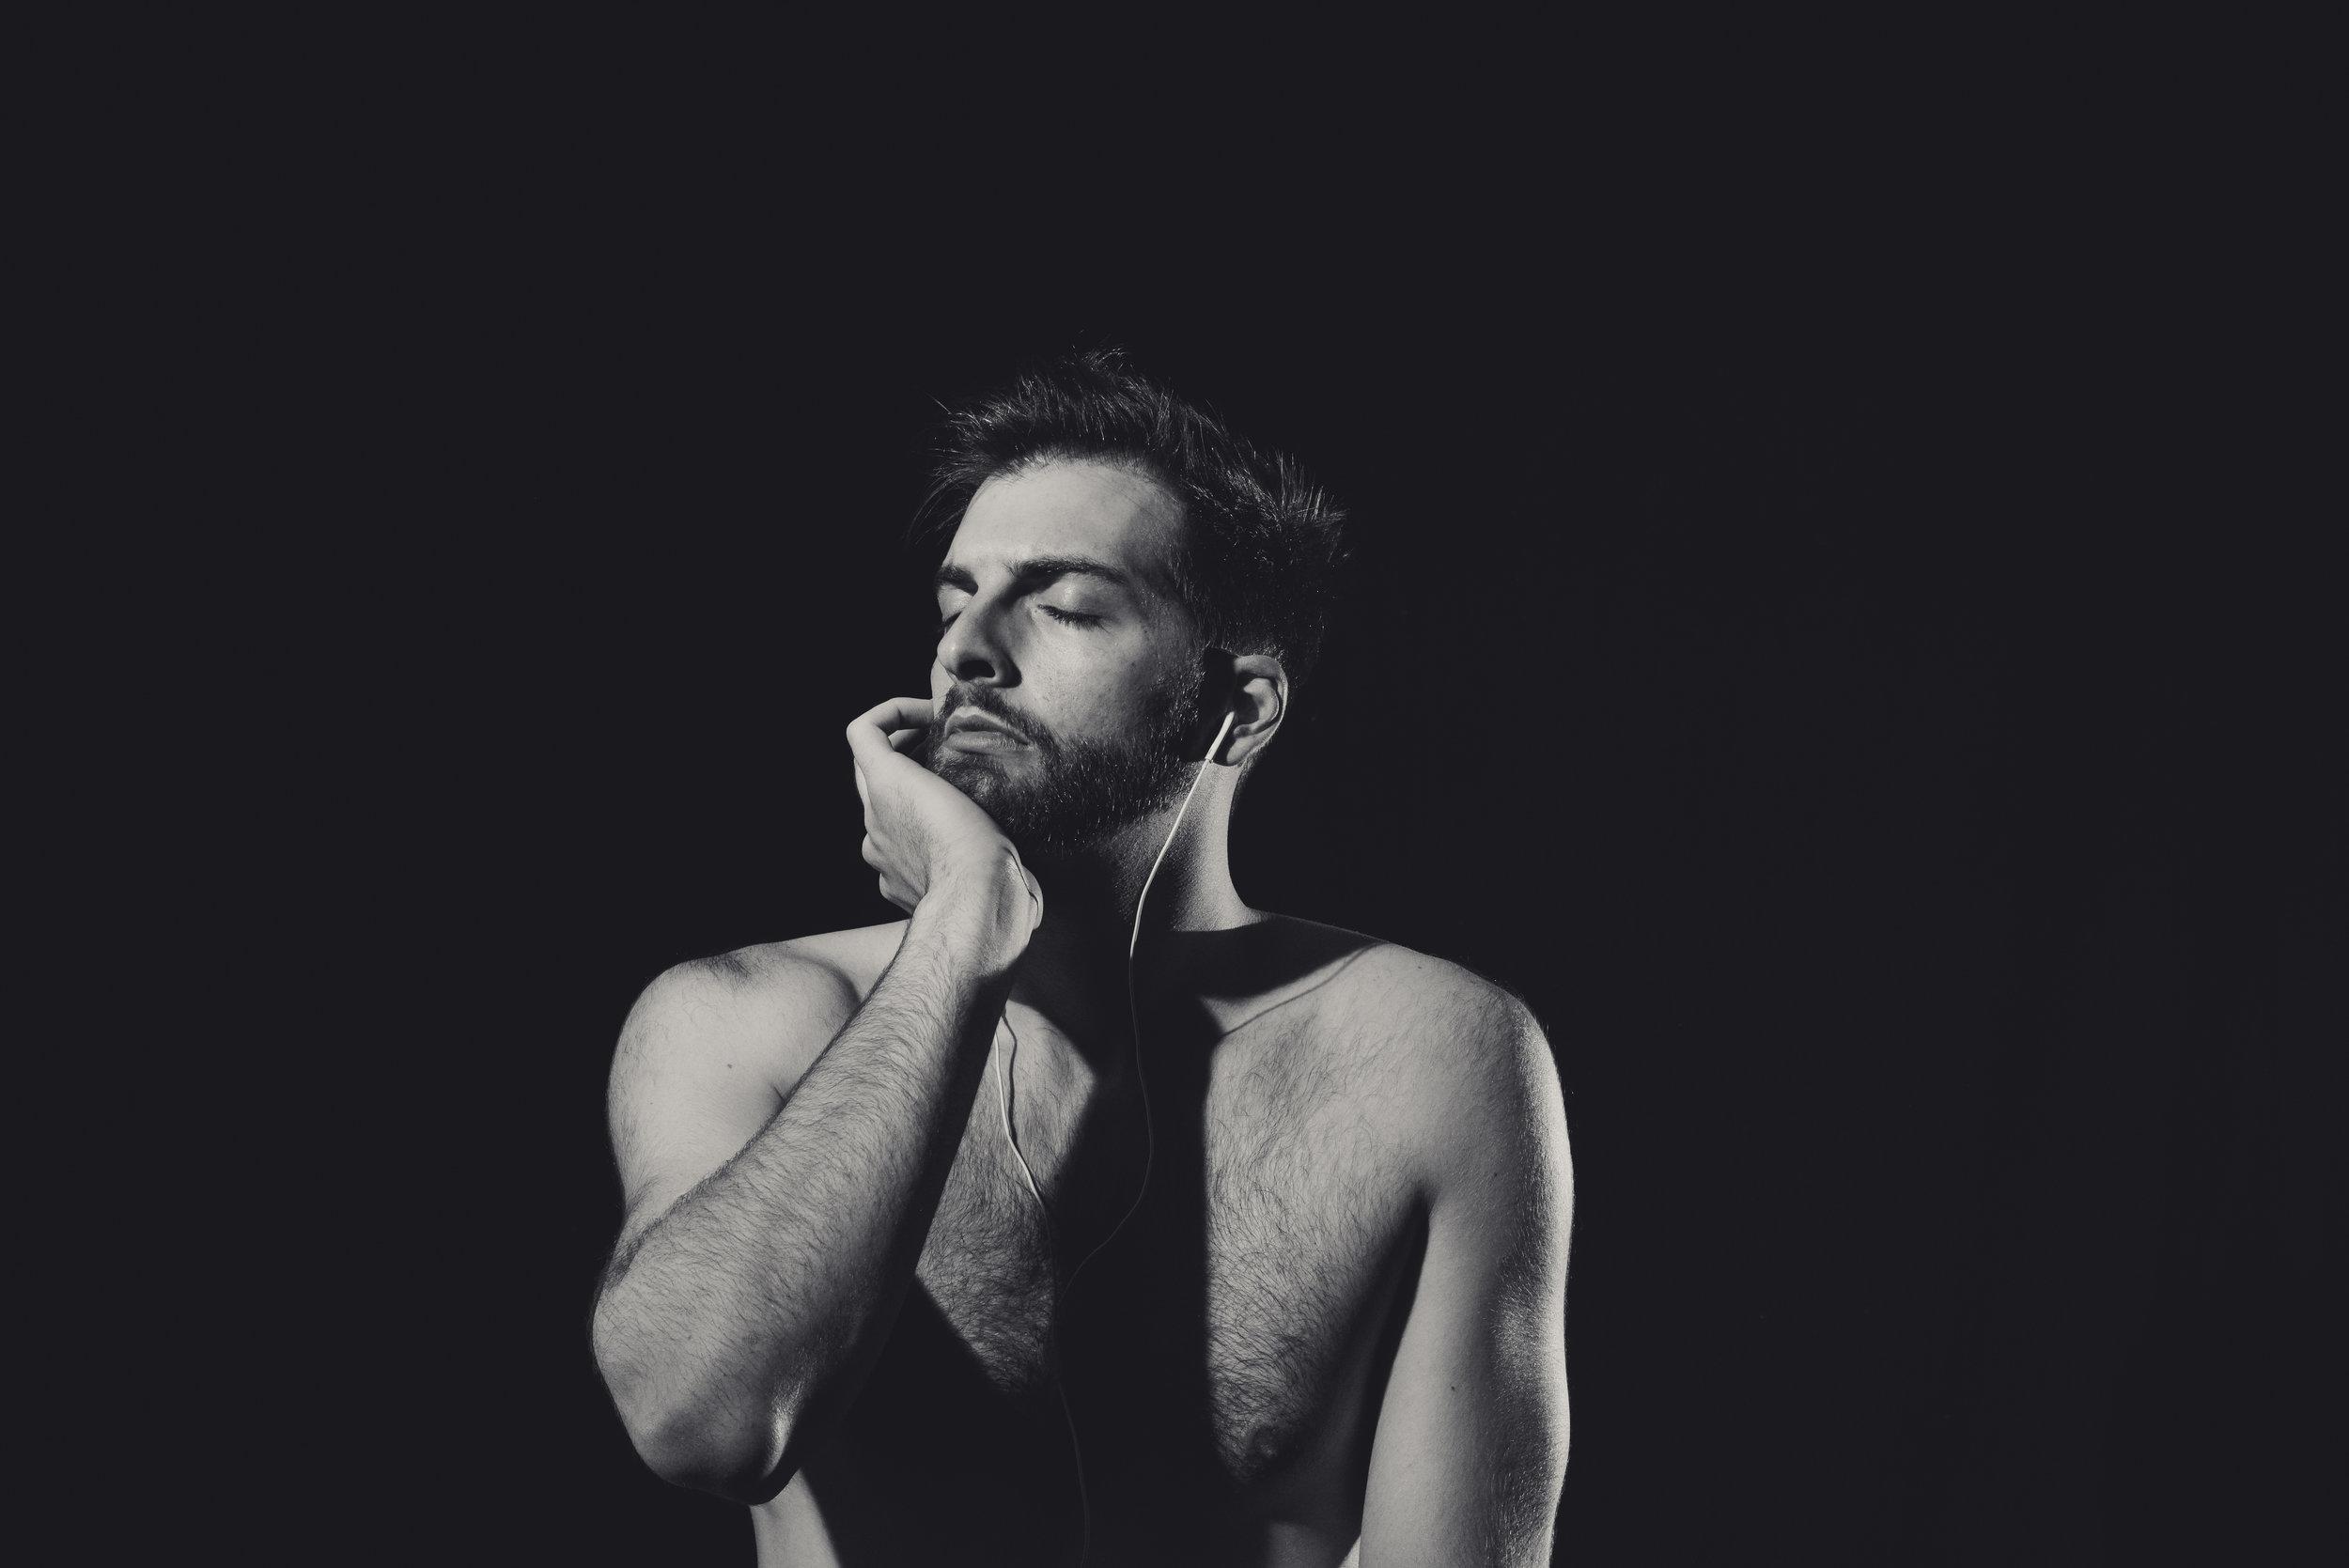 Photo by Keegan Eyler